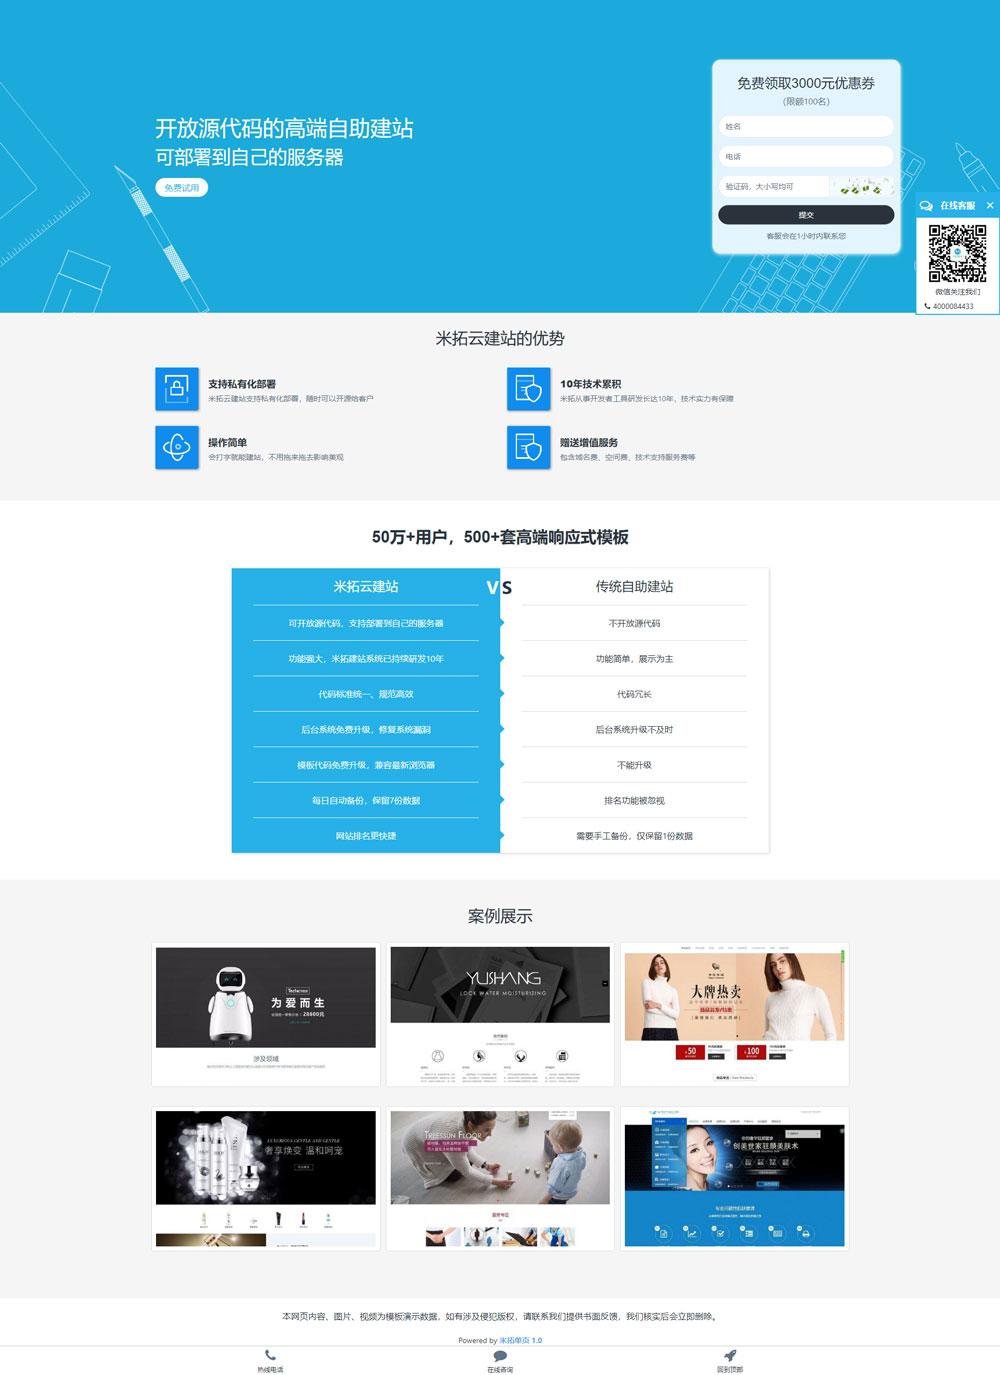 互联网营销服务落地页模板 广告页模板 宣传页模板 推广页 专题页设计制作